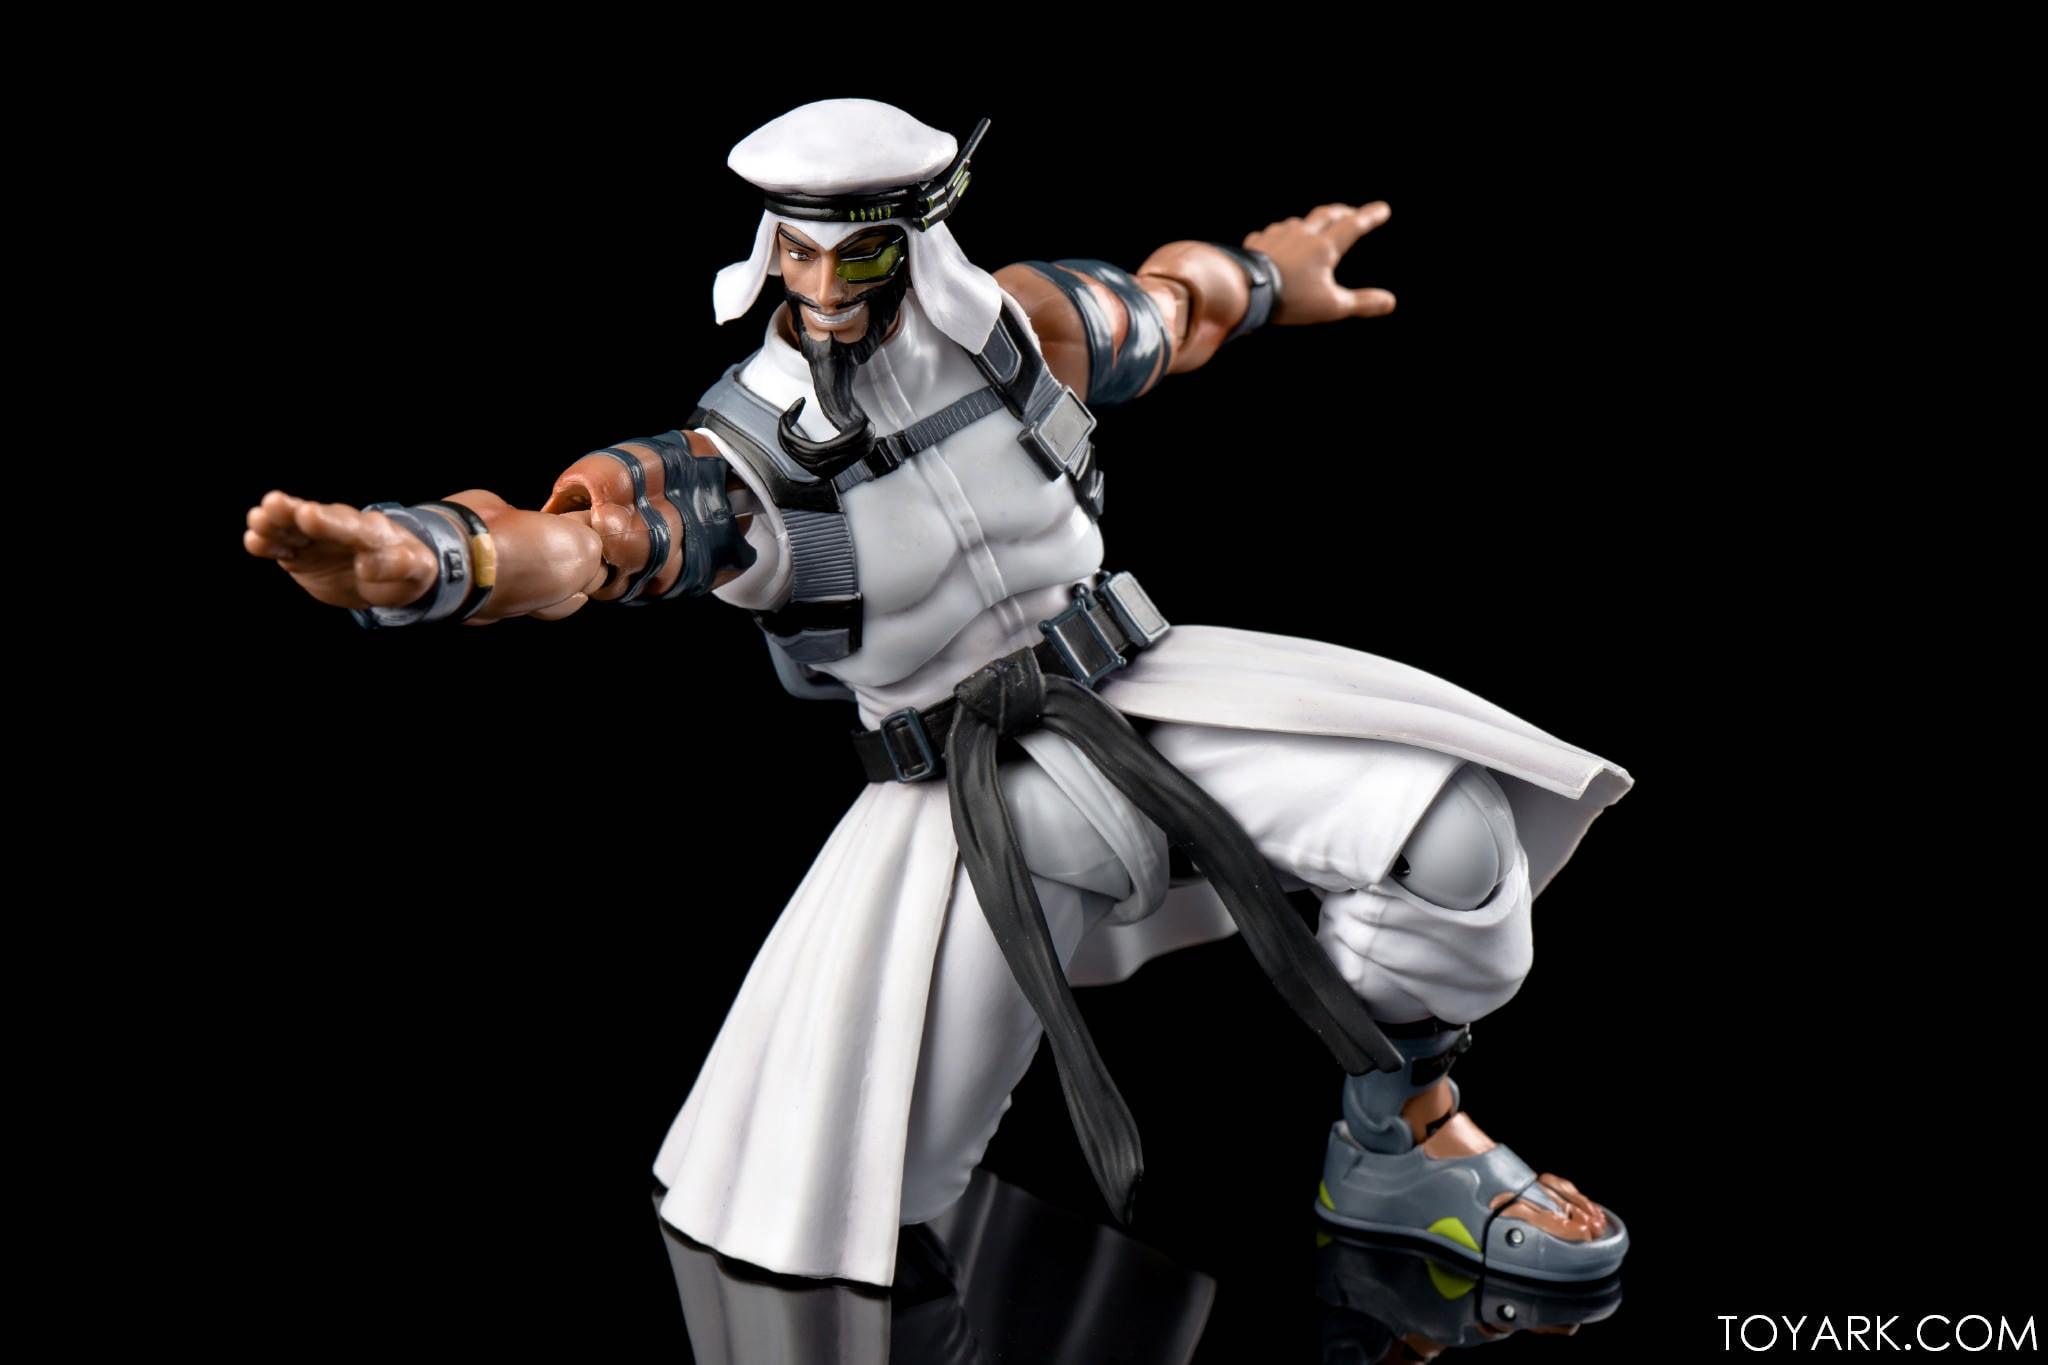 Figurine de Rashid (Street Fighter V)Figurine de Rashid (Street Fighter V)